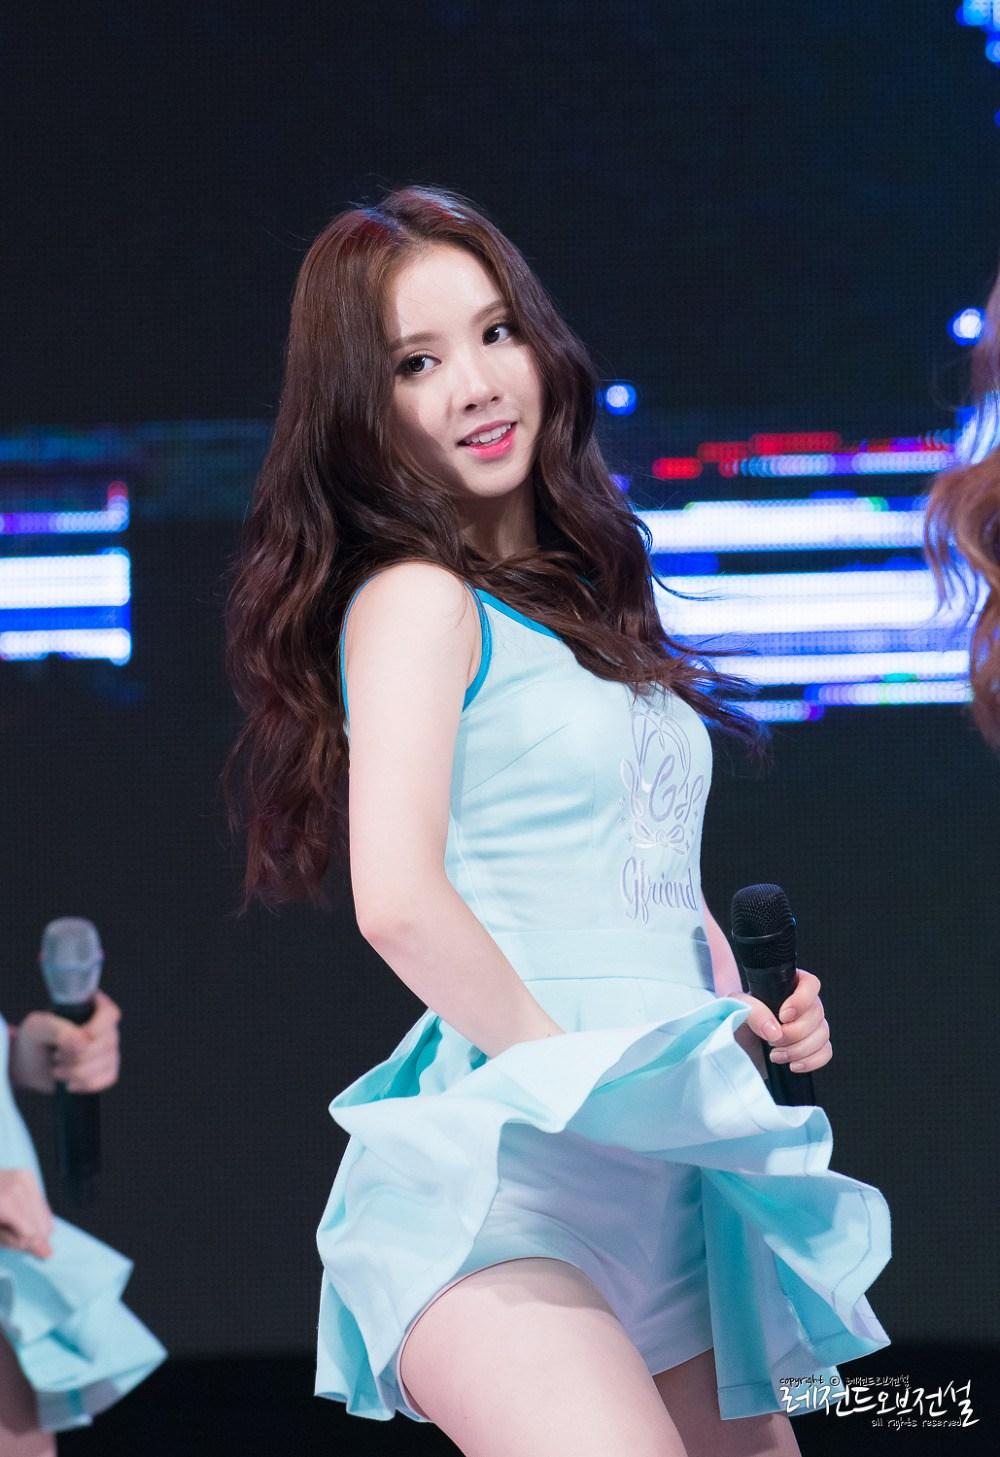 Top 10 mest sexede outfits Of Gfriends Eunha - Koreaboo-8049